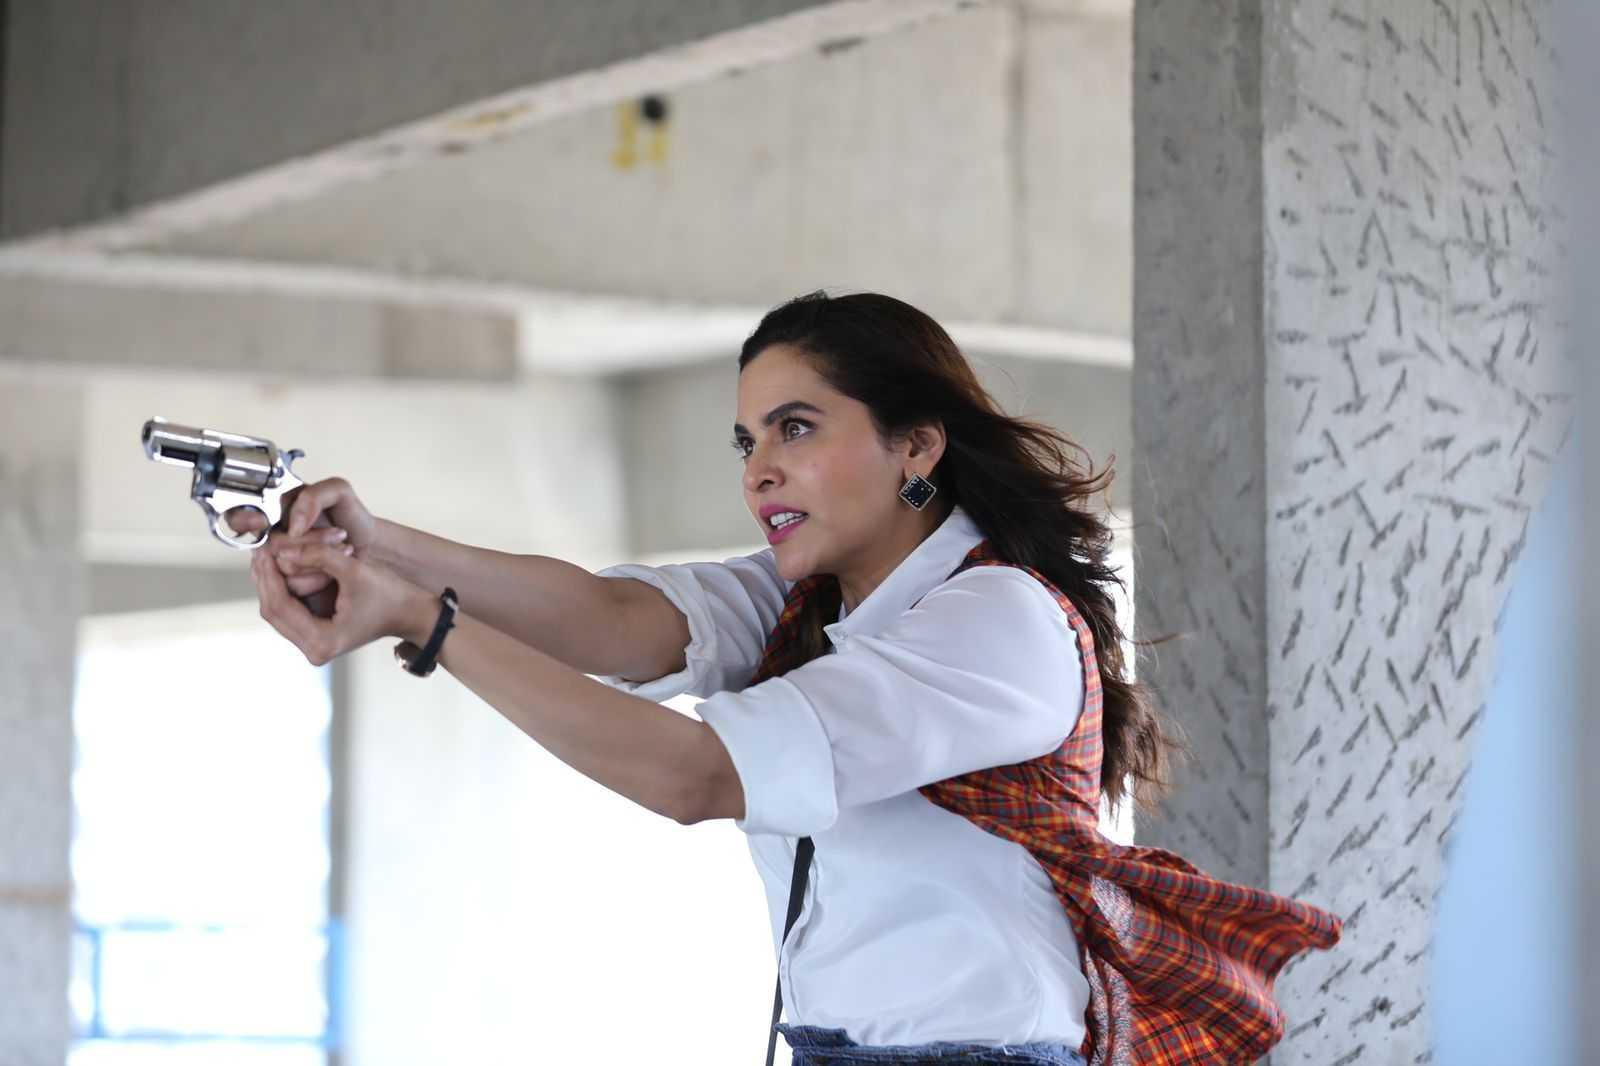 खरी बंदूक हातात घेण्याचा अनुभव शहारे आणणारा:अनुजा साठे-गोखले